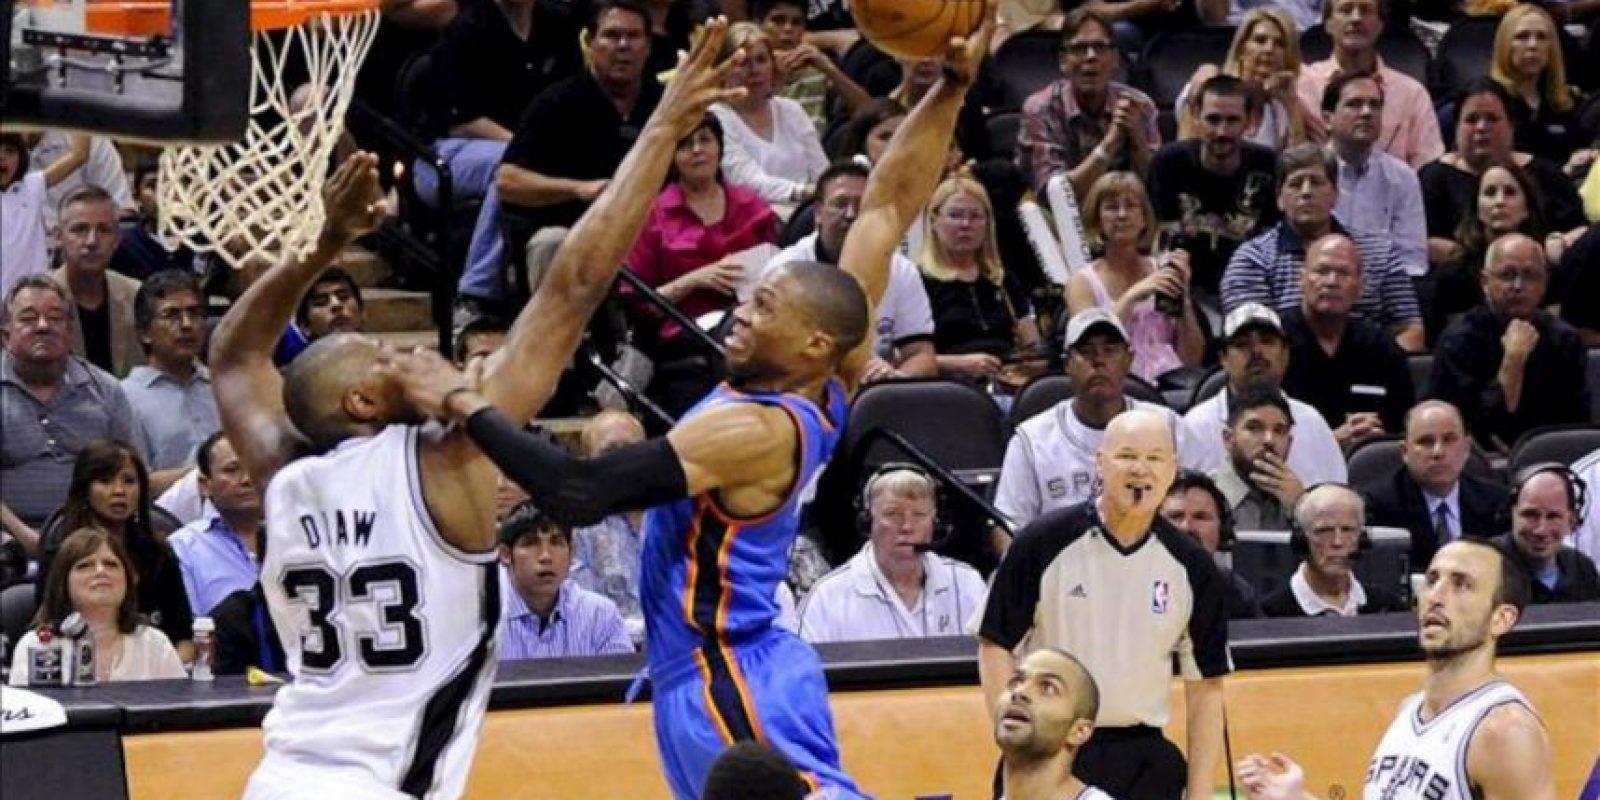 El jugador de los Spurs de San Antonio Boris Diaw (i) defiende ante Russell Westbrook (C) de los Thunder de Oklahoma City durante la fase final dentro de la Conferencia Oeste de la NBA que se disputa en el AT&T Center de San Antonio, Texas (EEUU). EFE